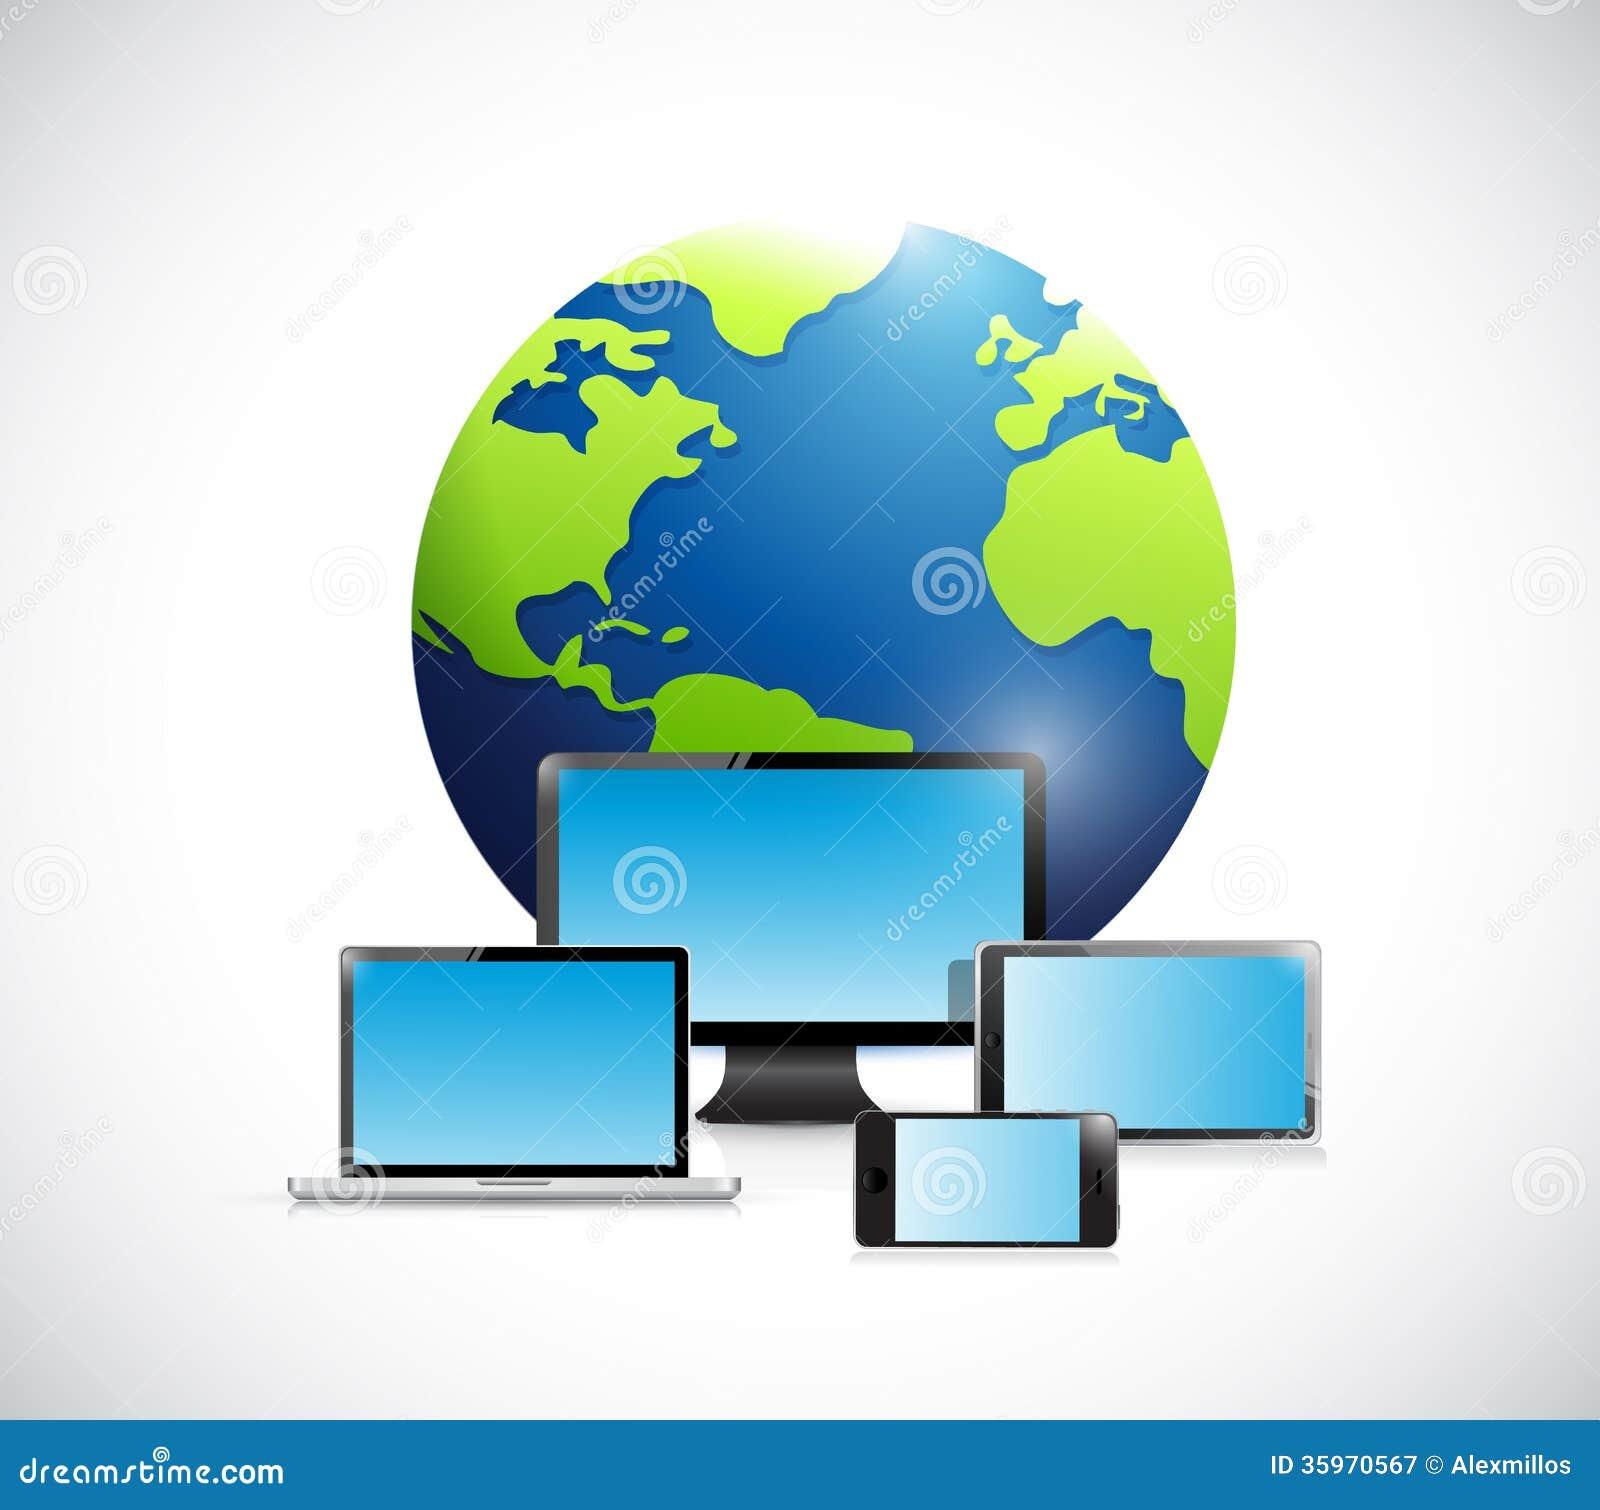 Globo internacional y electrónica.